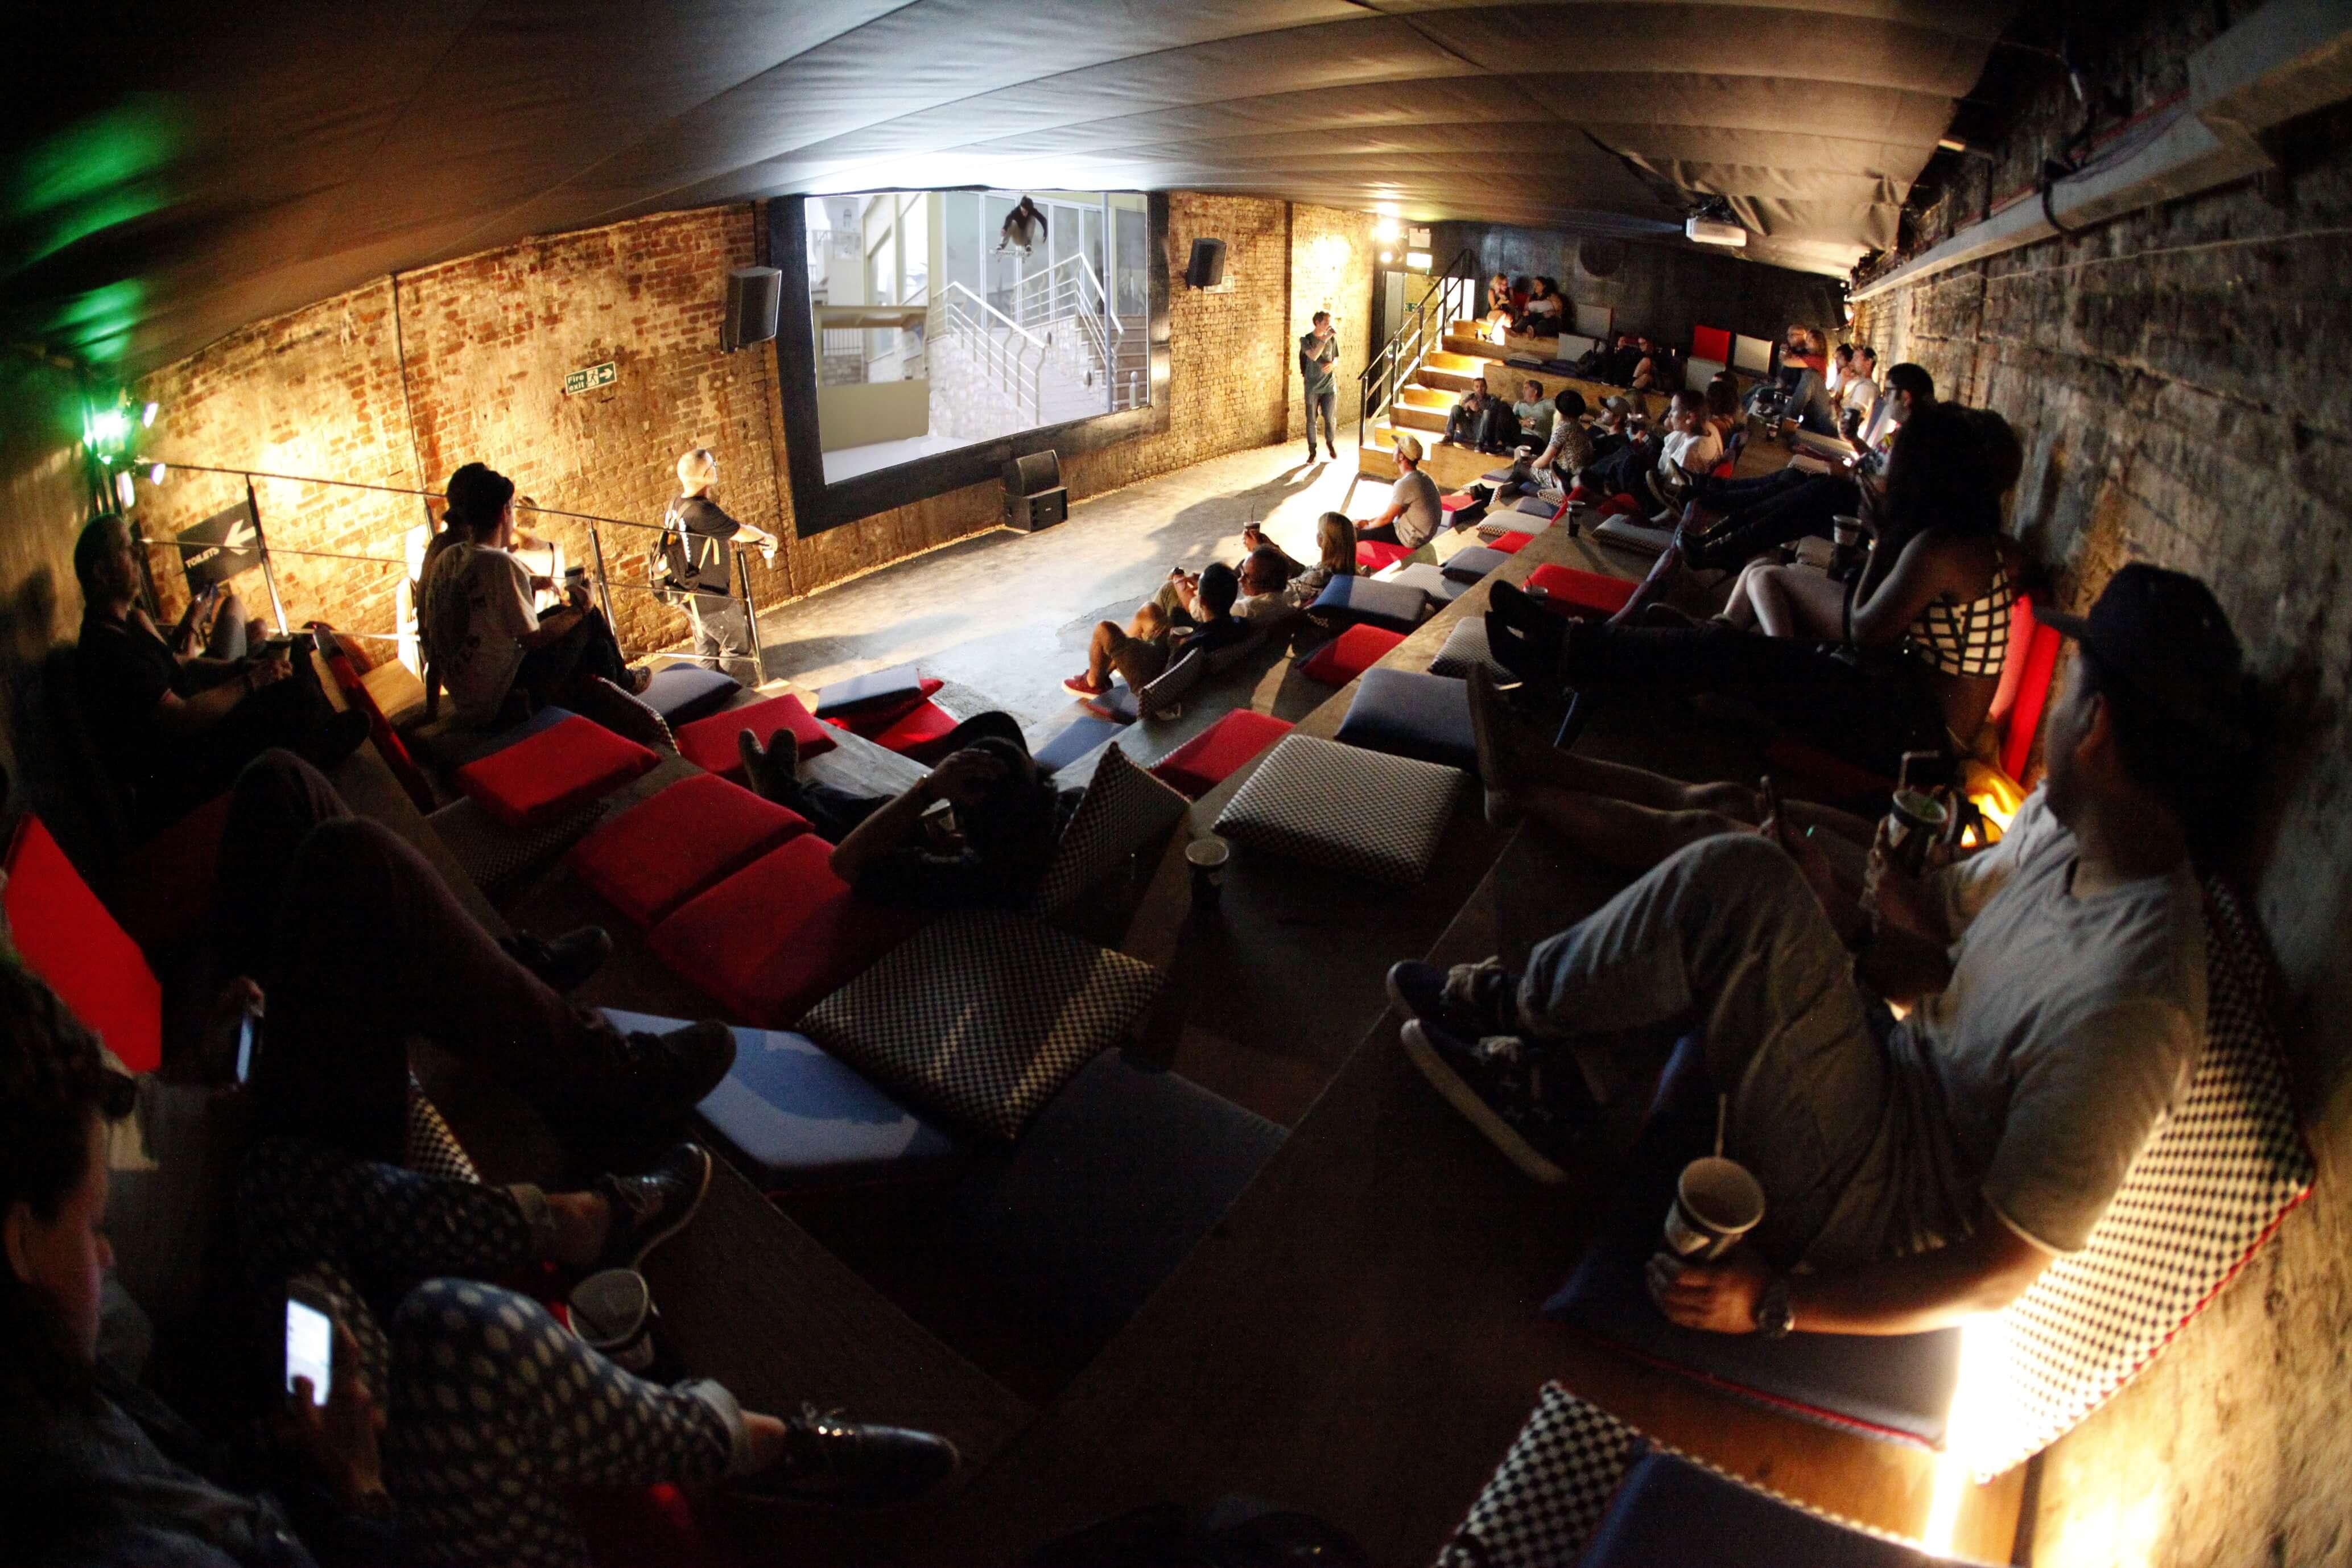 hot sales 34ef0 3dd24 House of Vans Free Cinema